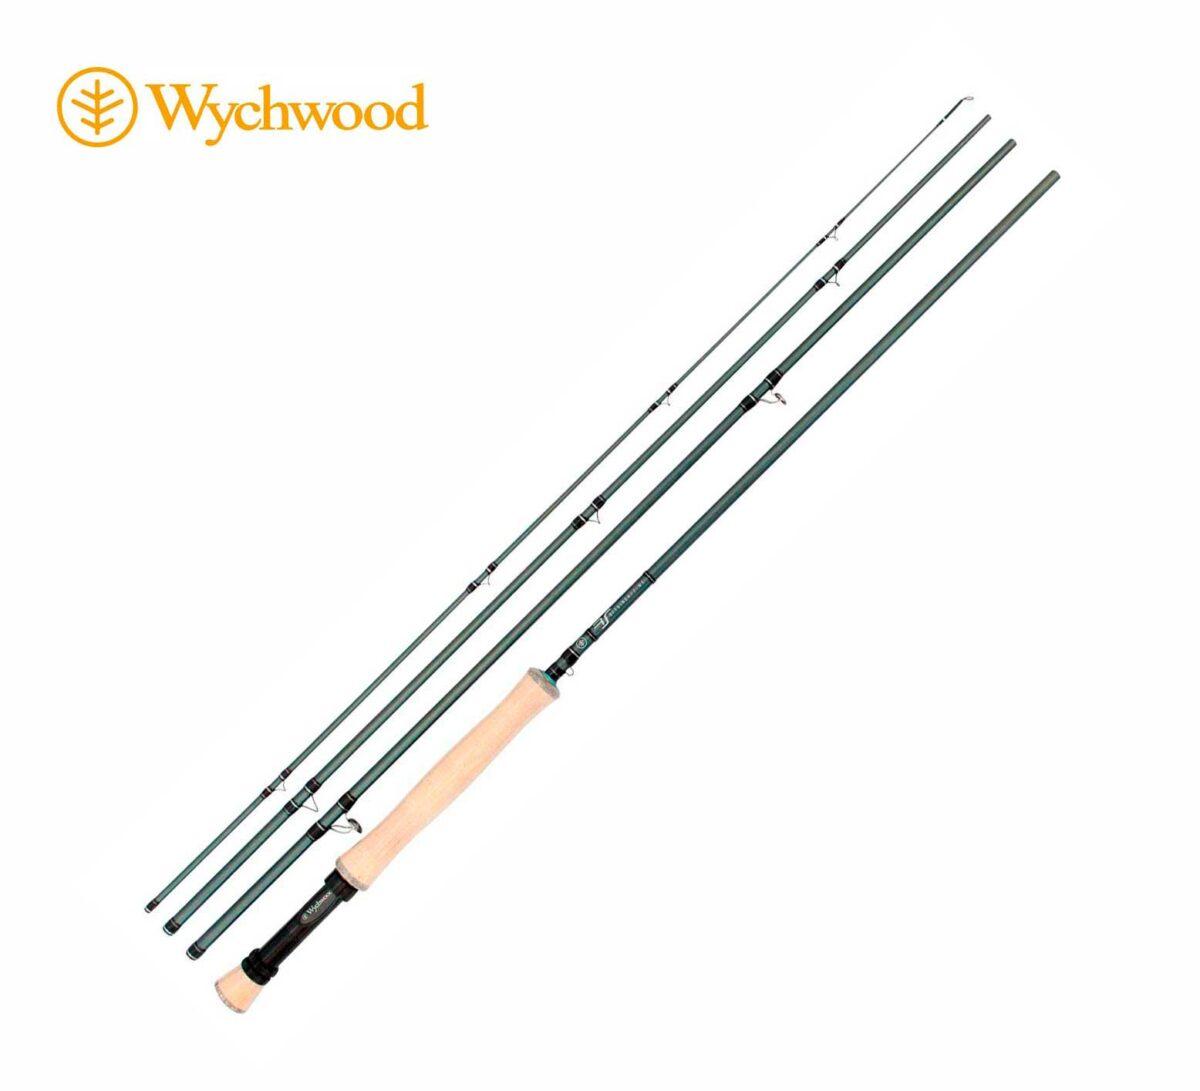 Caña para Lago WychWood RS 10 Pies Linea 7 Fly Rod